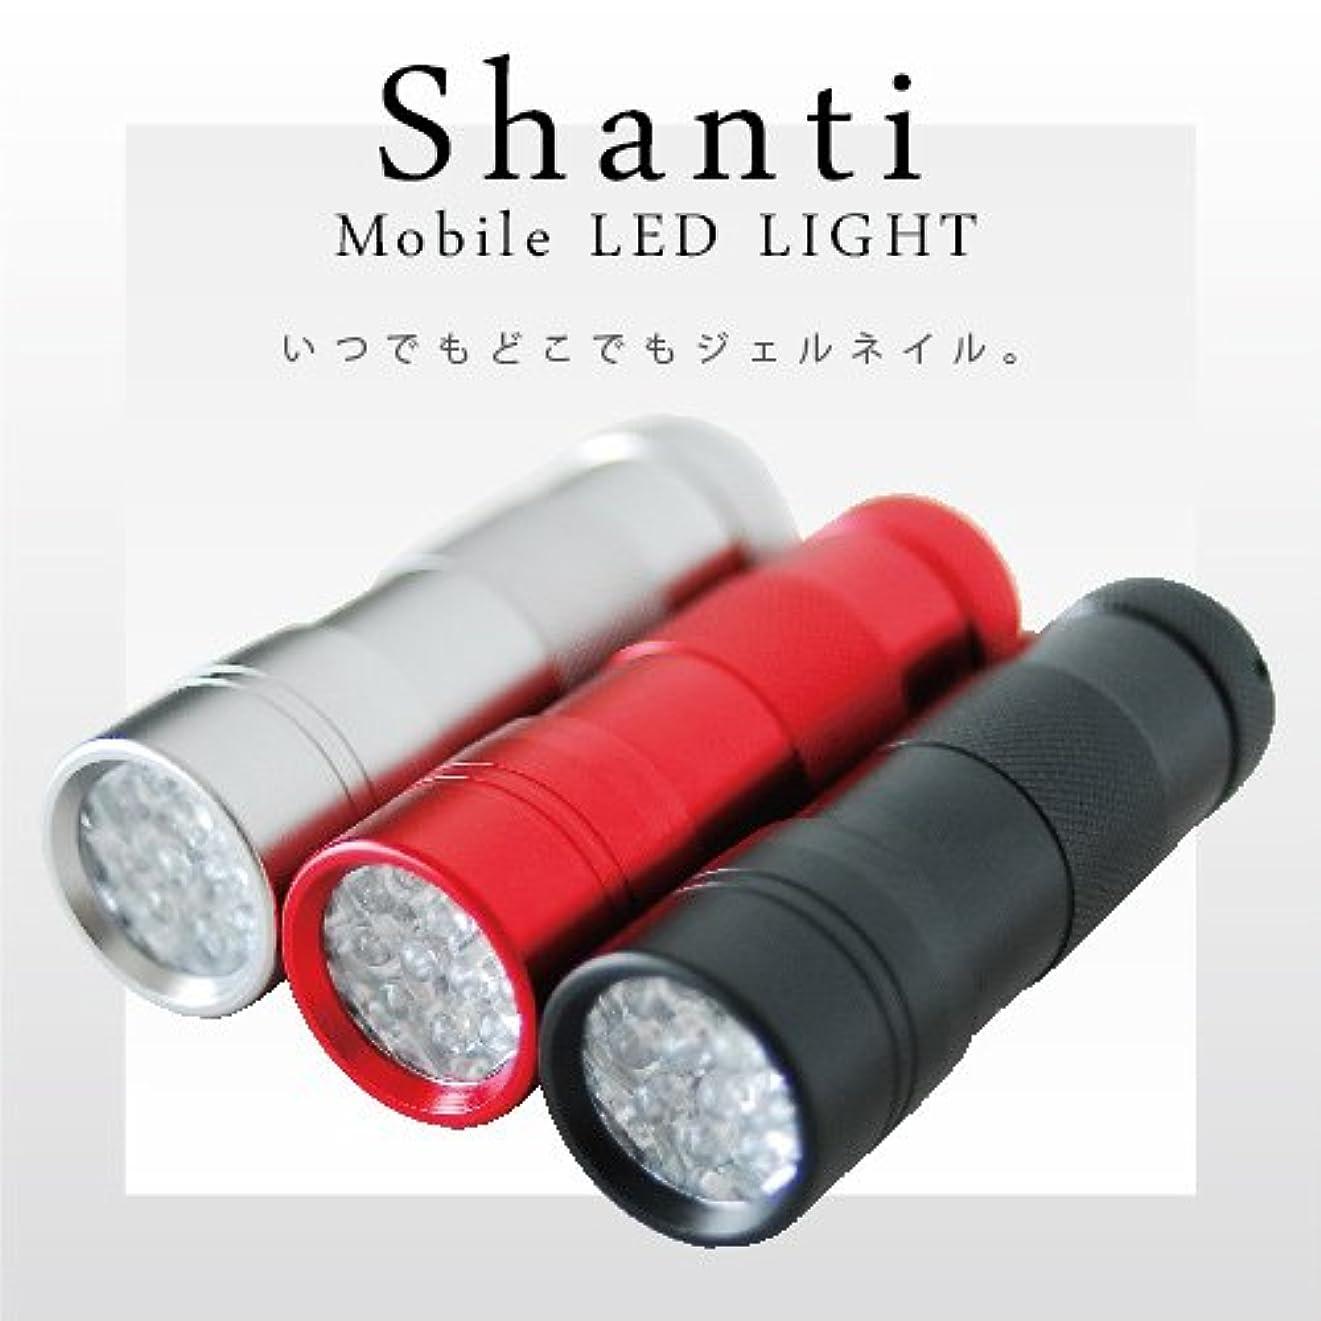 国家気晴らし体操ジェルネイル用UVライト ペン型LEDライト Shanti Mobile LED ペン型ポータブルLEDライト カラー:シルバー  携帯用ハンドライト